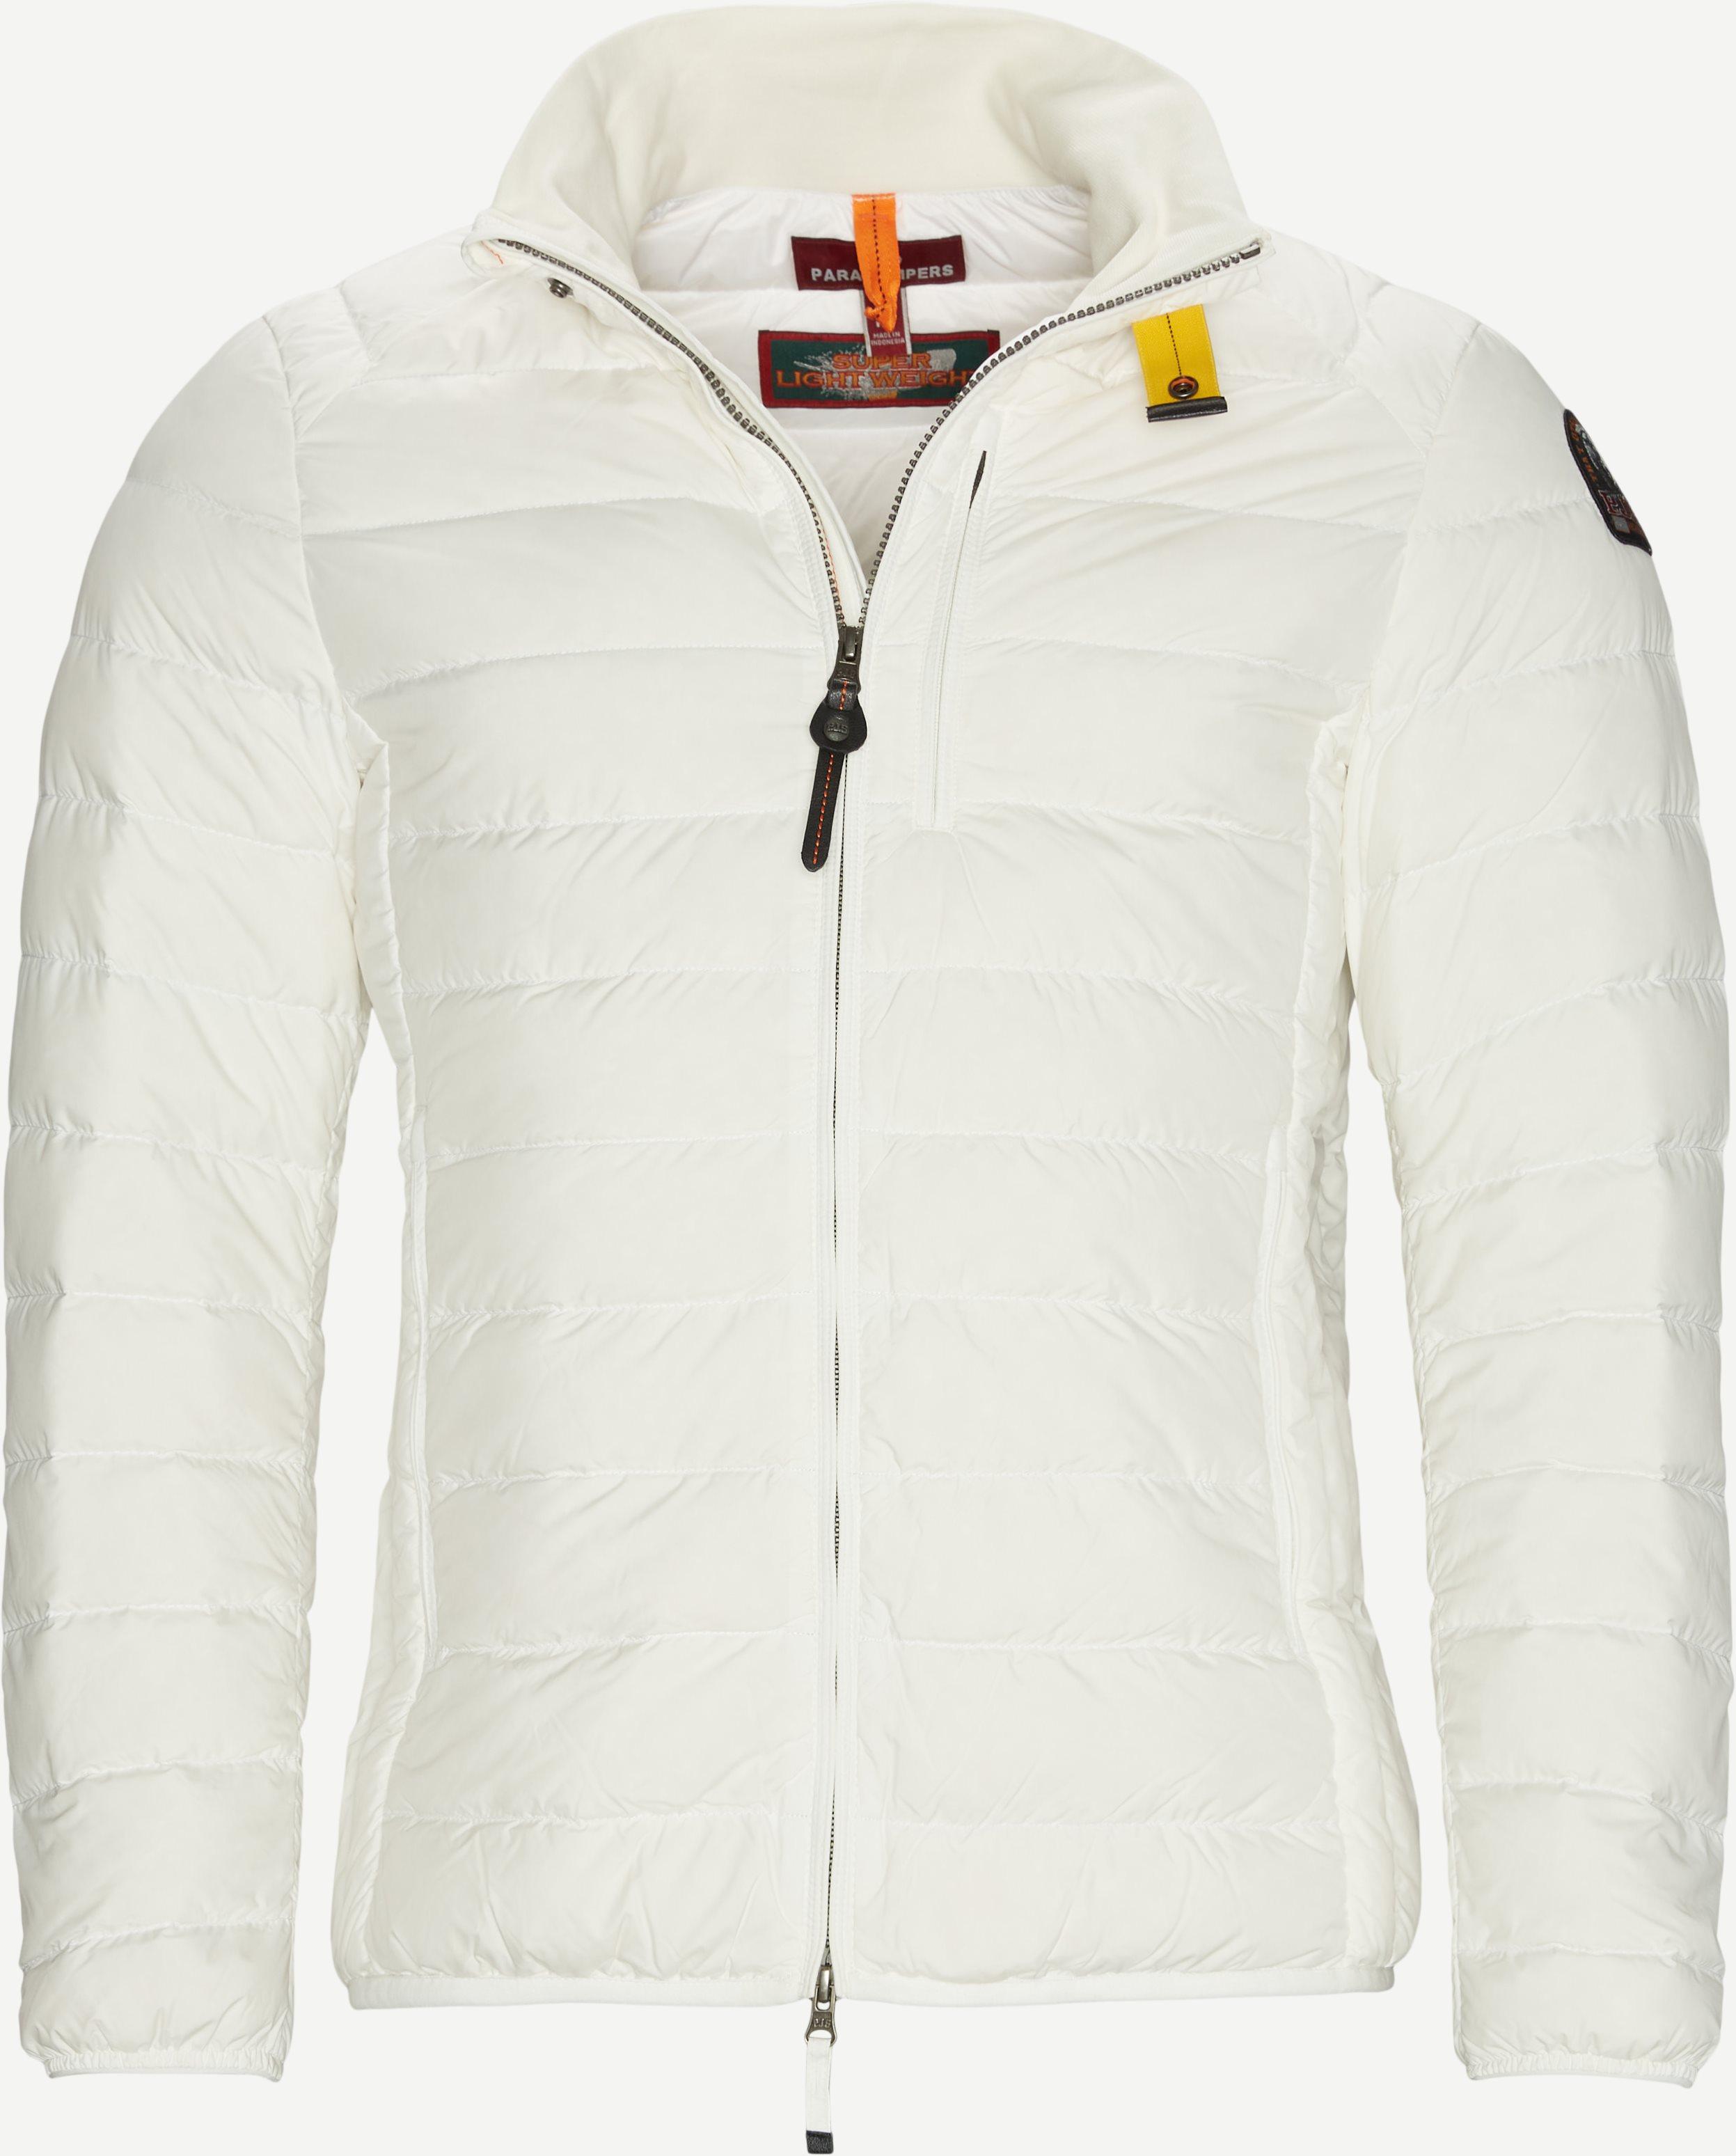 Ugo Down Jacket - Jakker - Regular fit - Hvid